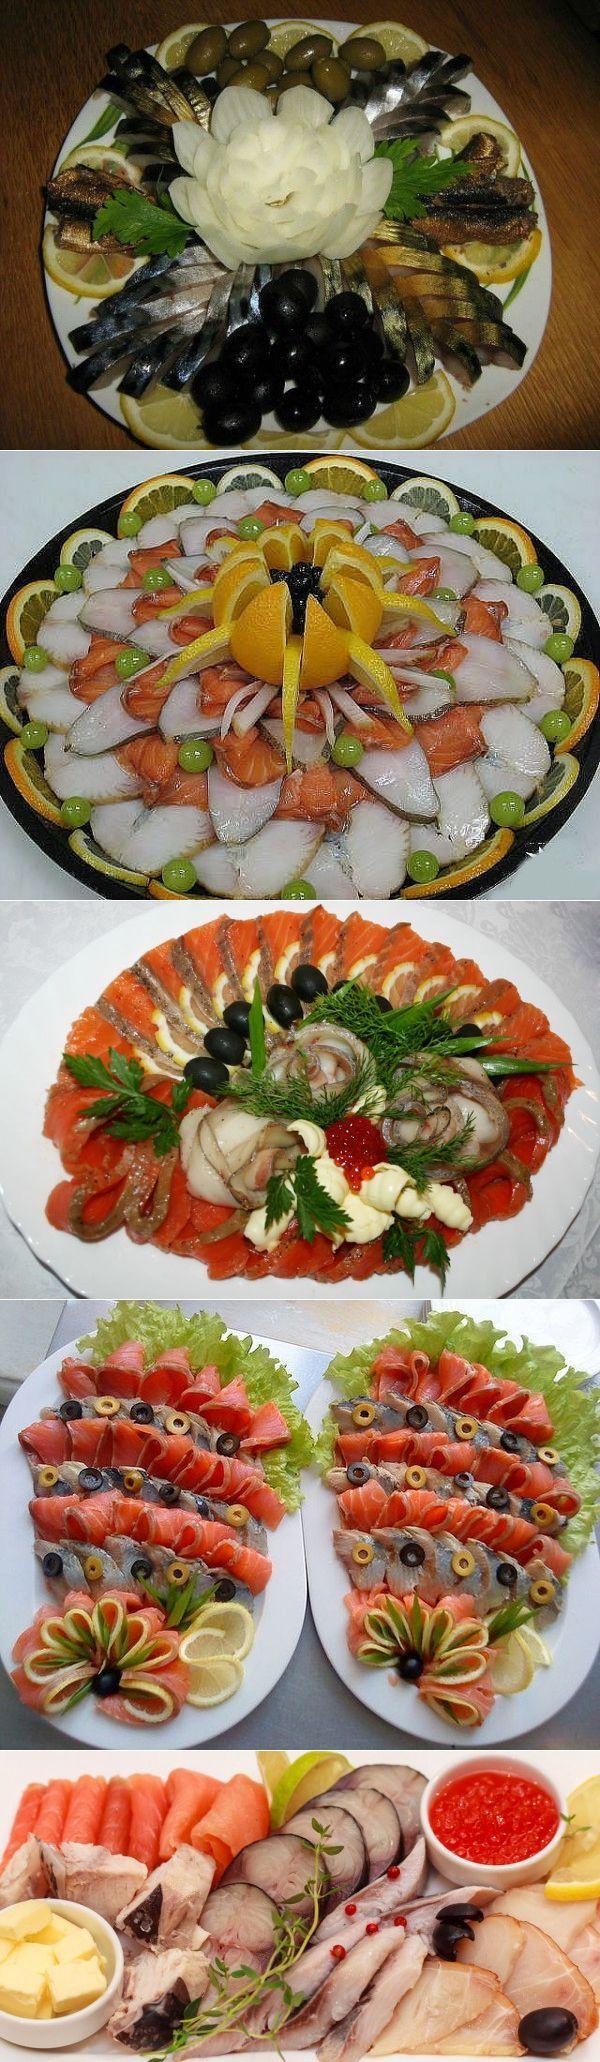 Рыбная нарезка для праздничного стола | карвинг | Постила